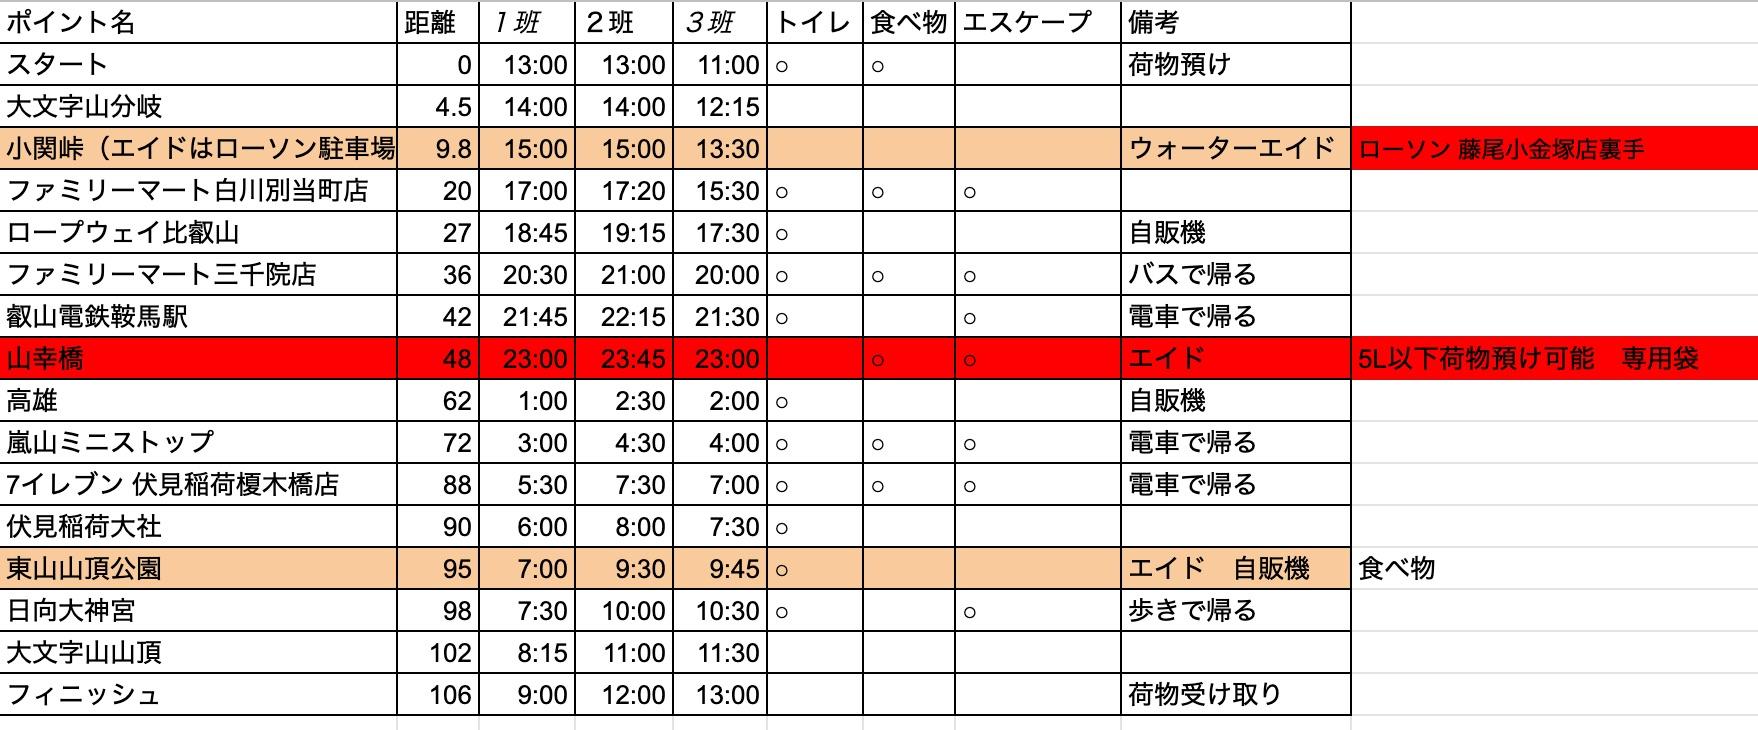 京都ラウンドトレイル_時間表